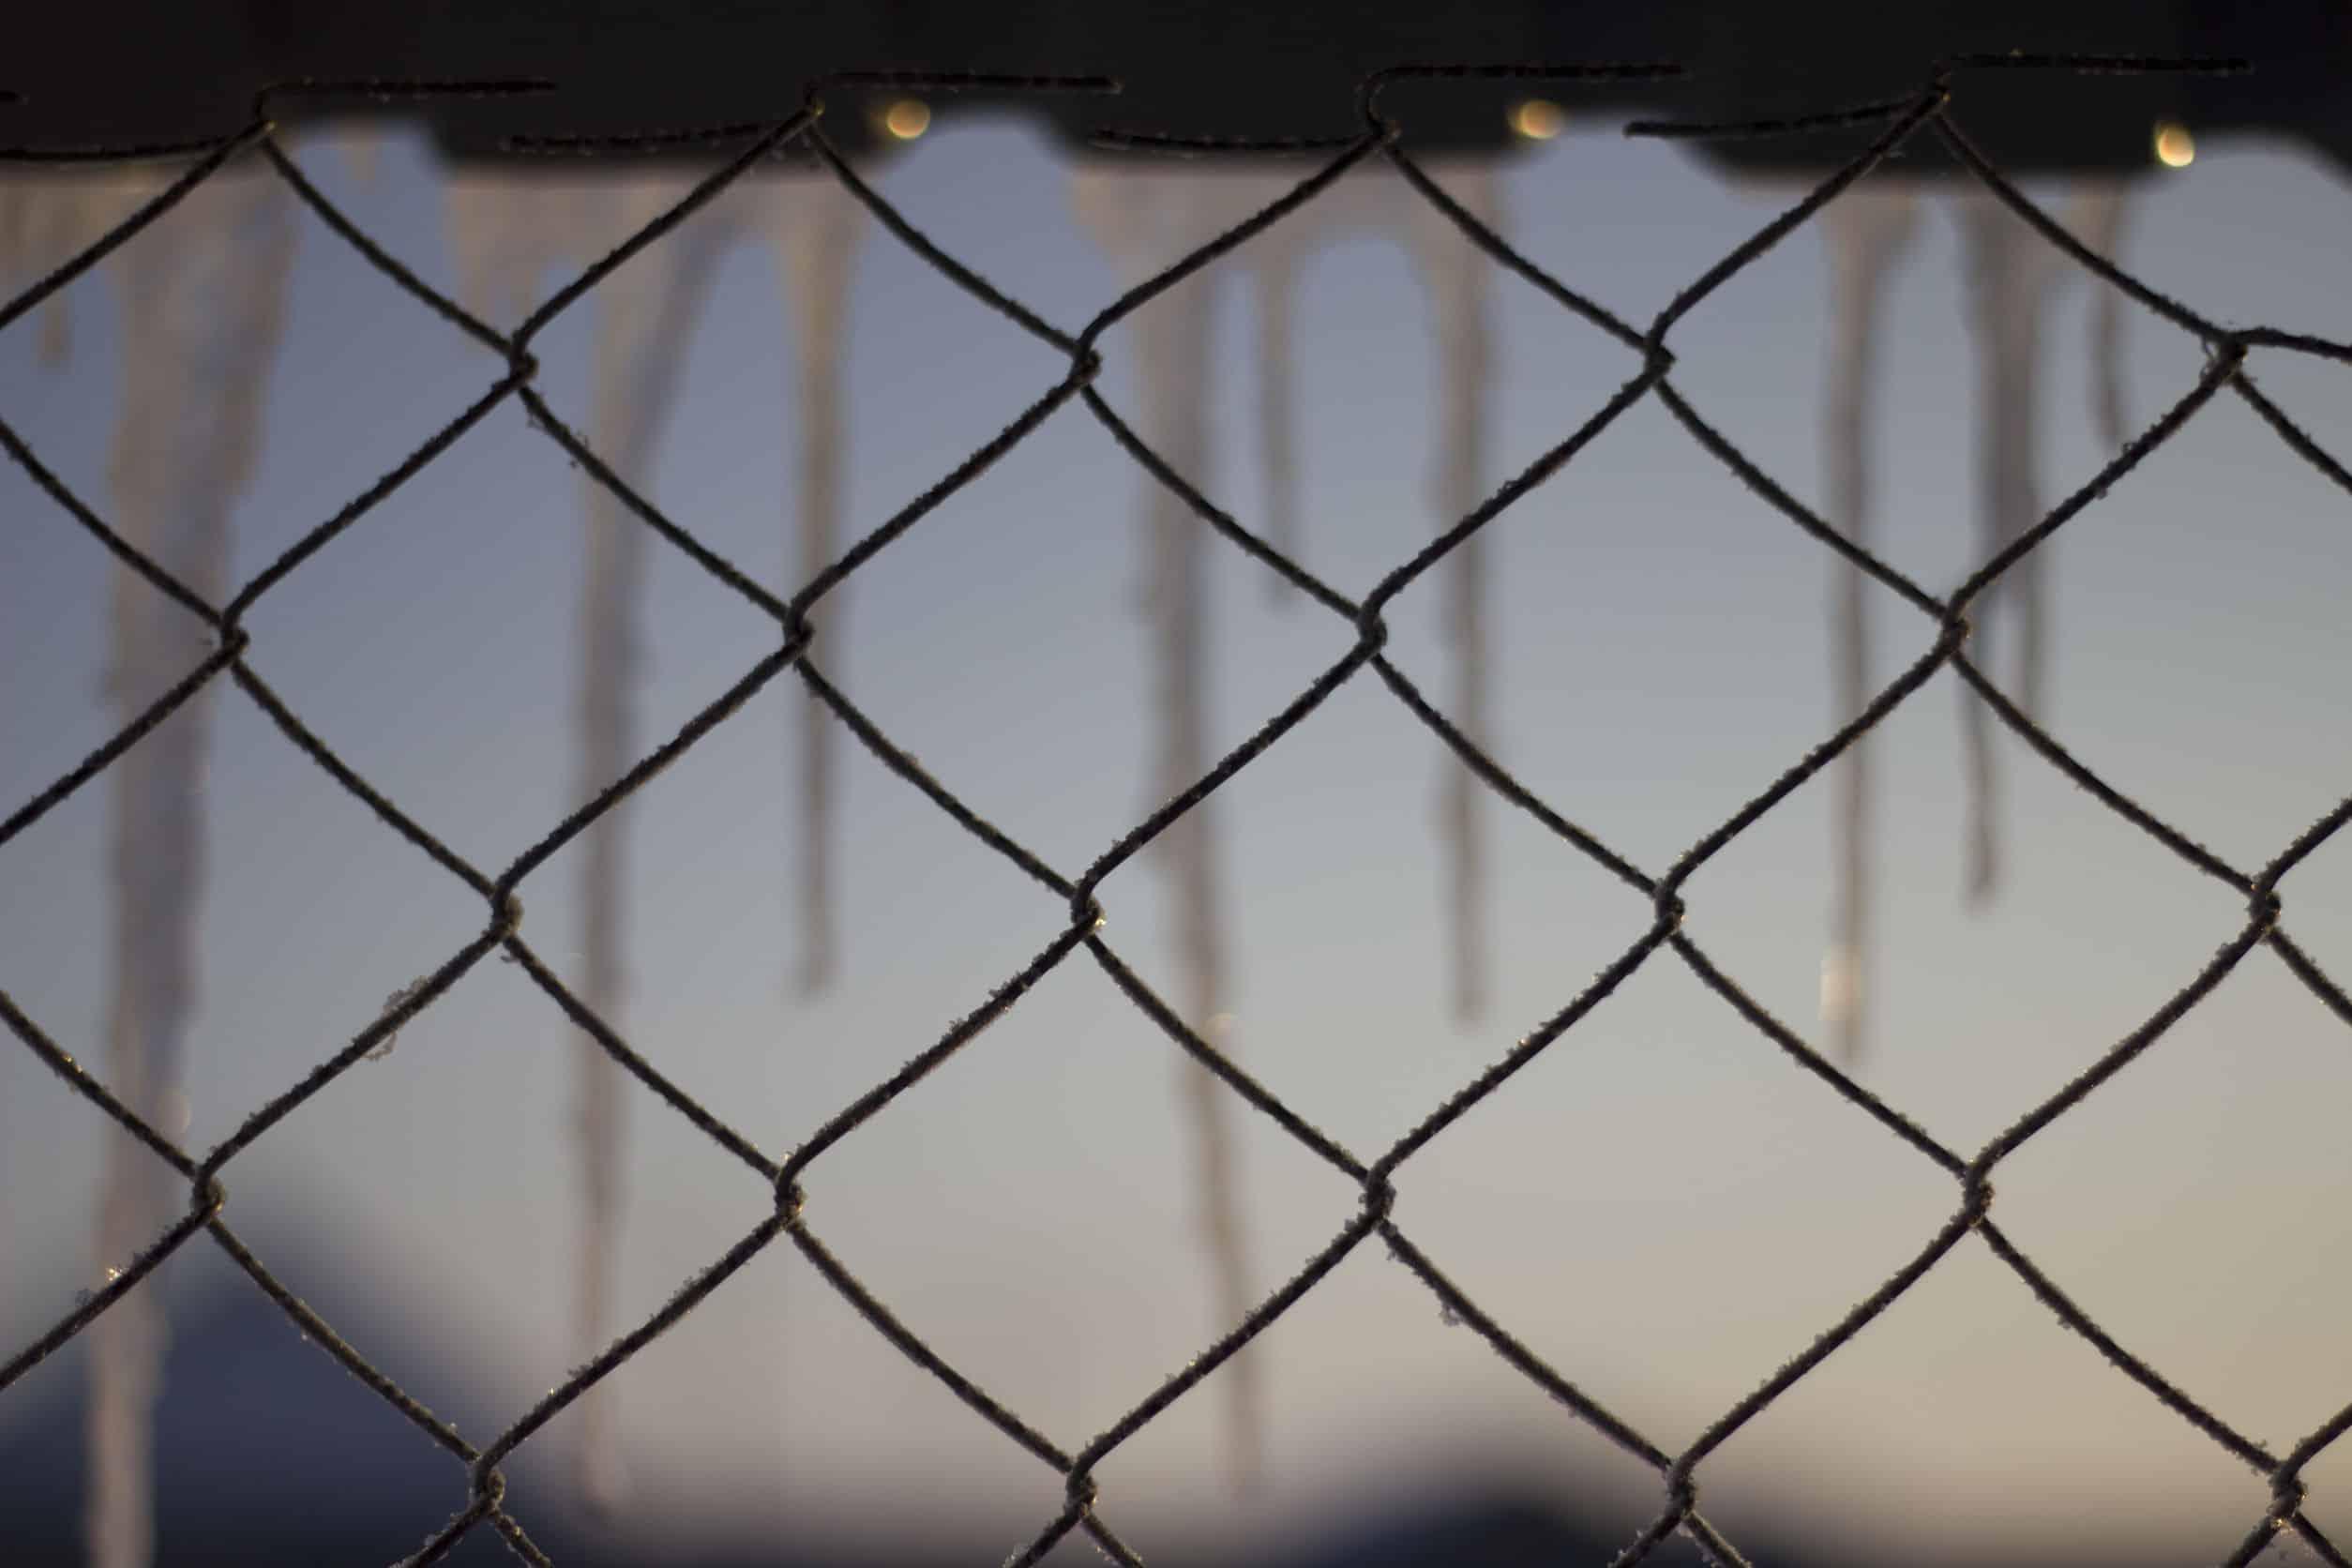 Na foto está um pedaço de uma janela com rede de proteção preta.